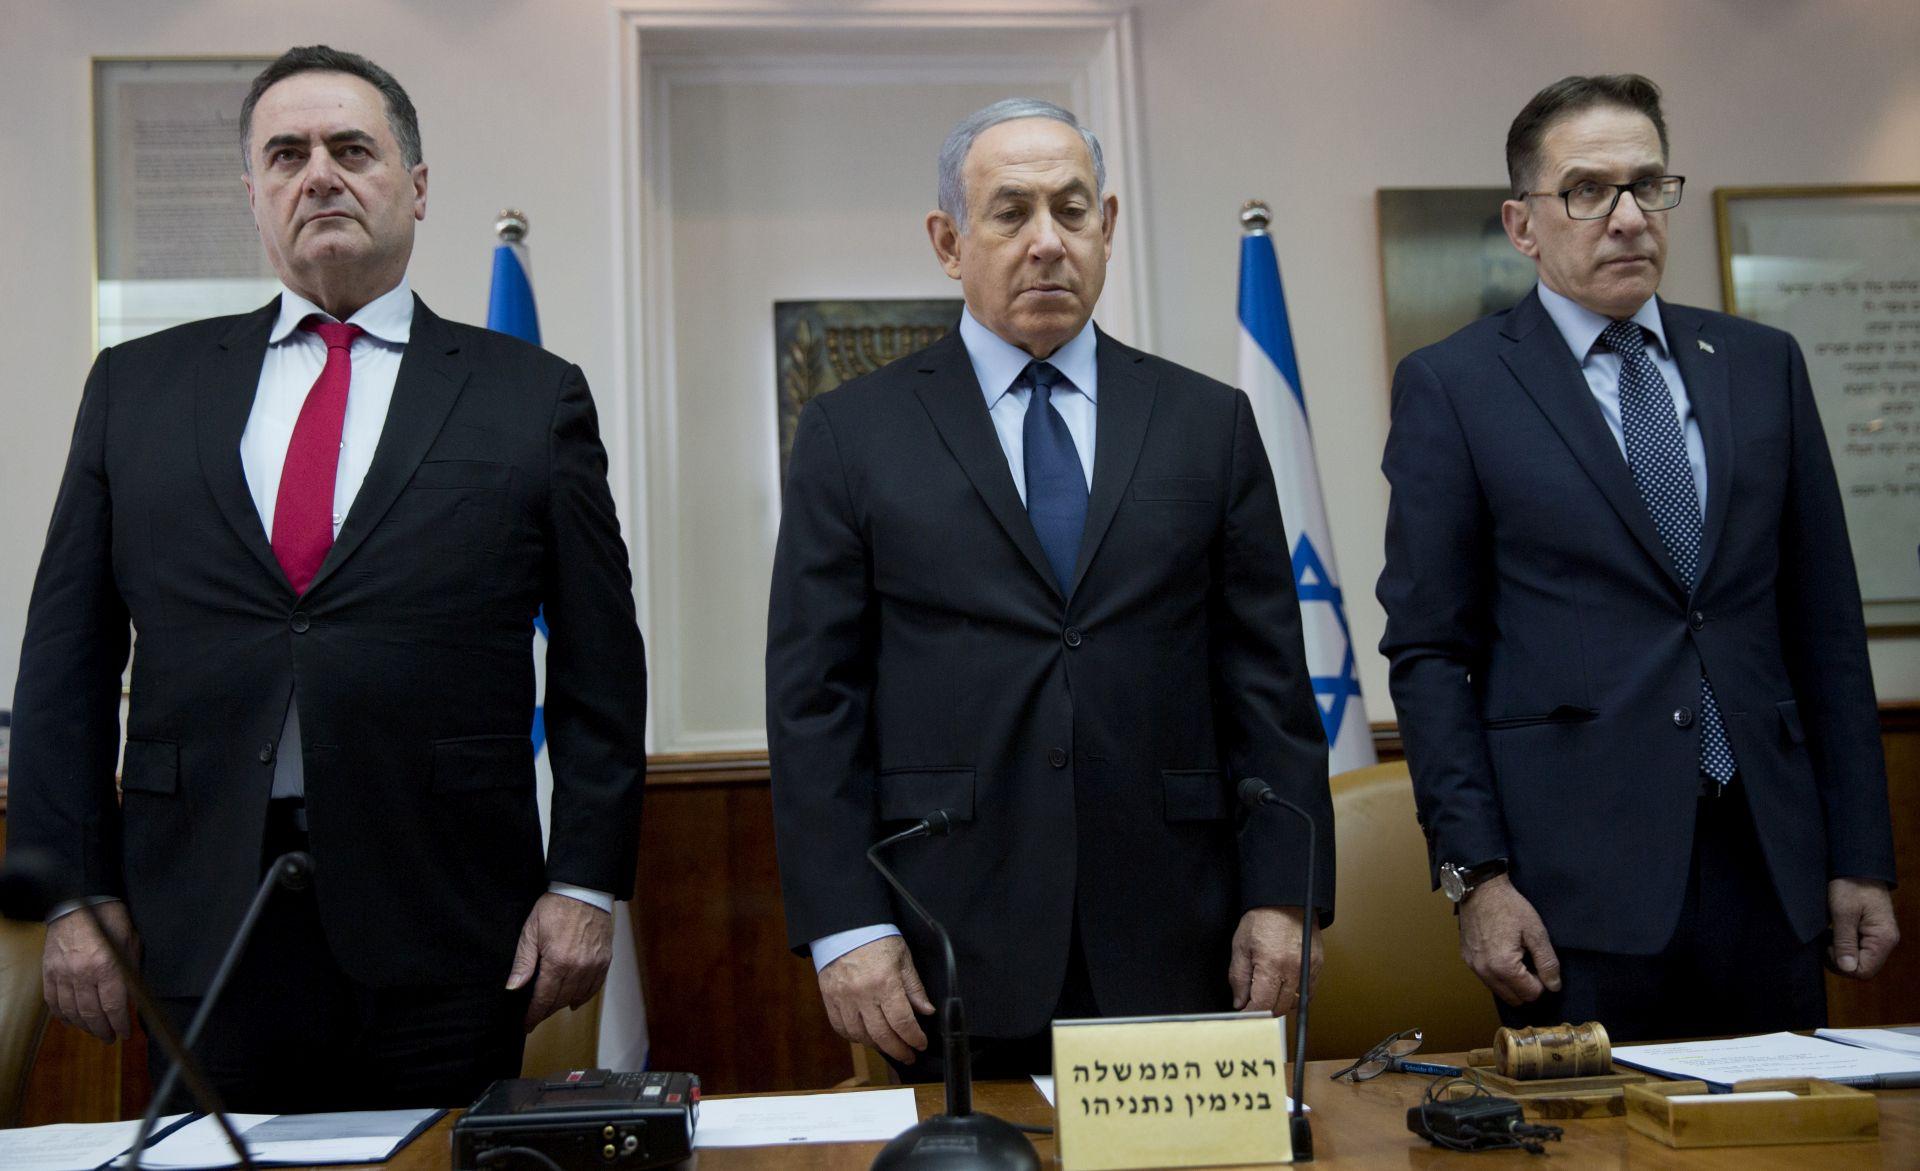 Netanyahu čestitao Trumpu na ponovnom uvođenju sankcija Iranu